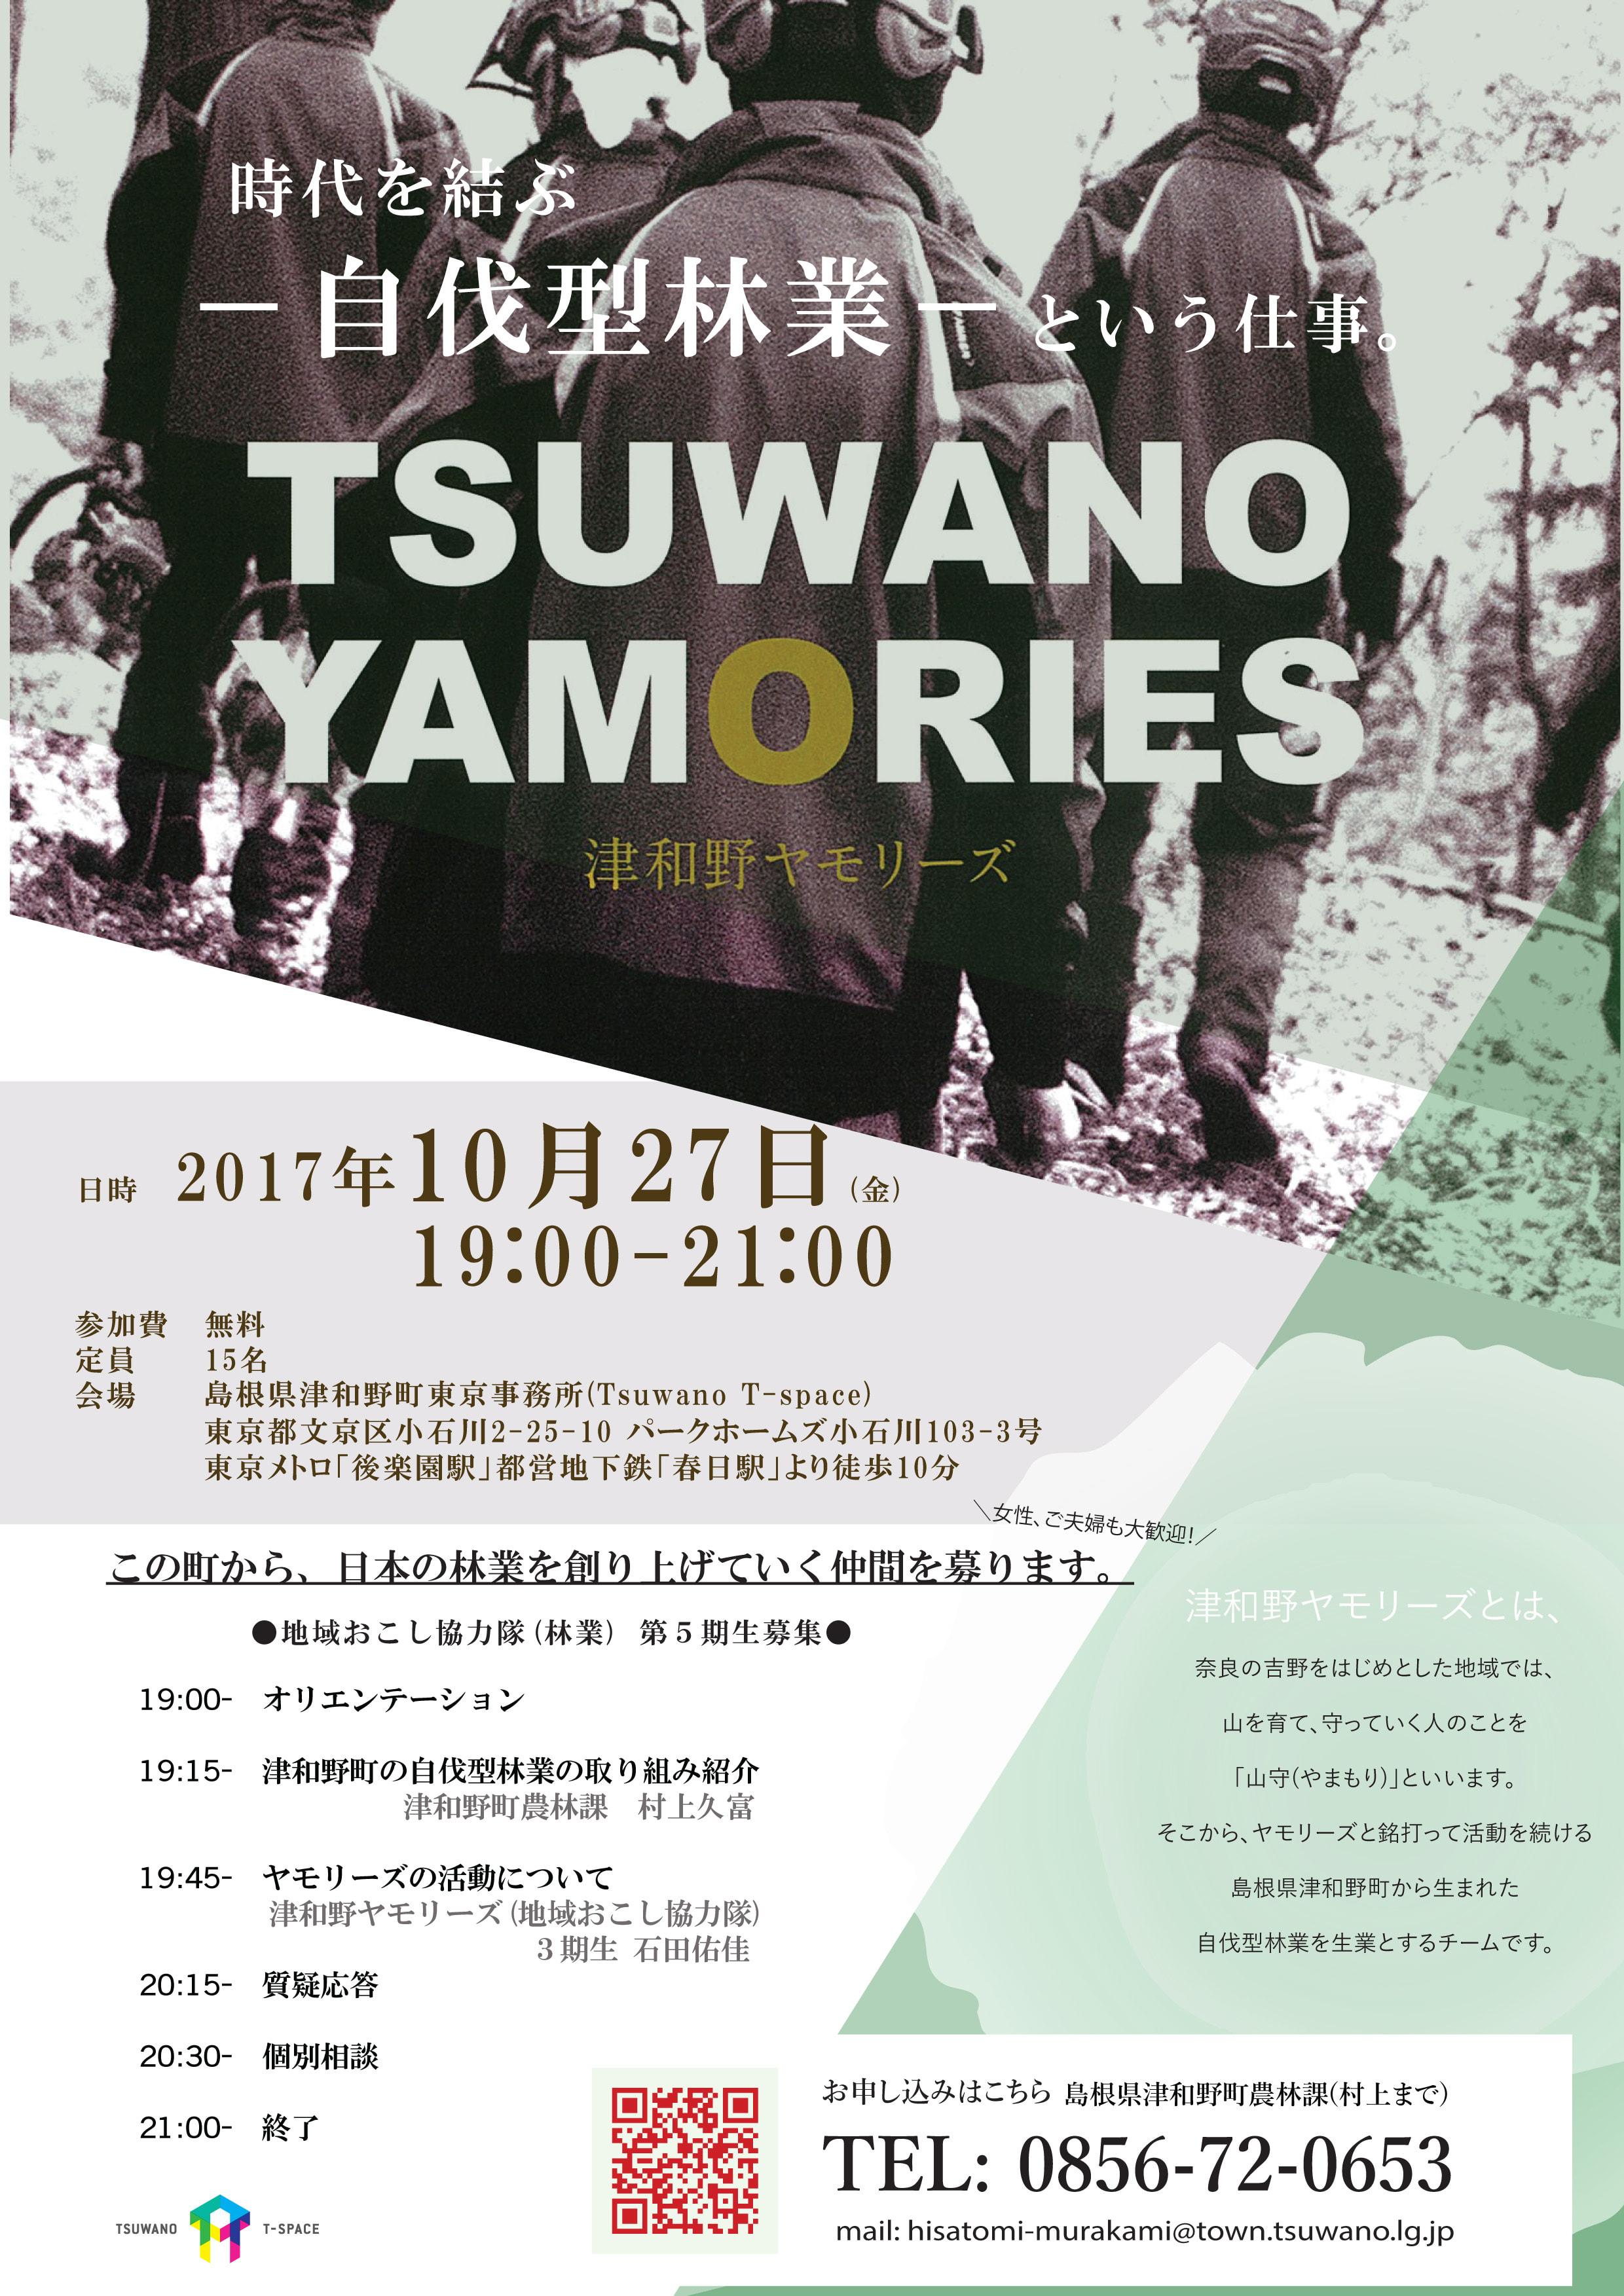 10月27日(金)に津和野町が東京で説明会「時代を結ぶー自伐型林業ーという仕事」を開催!